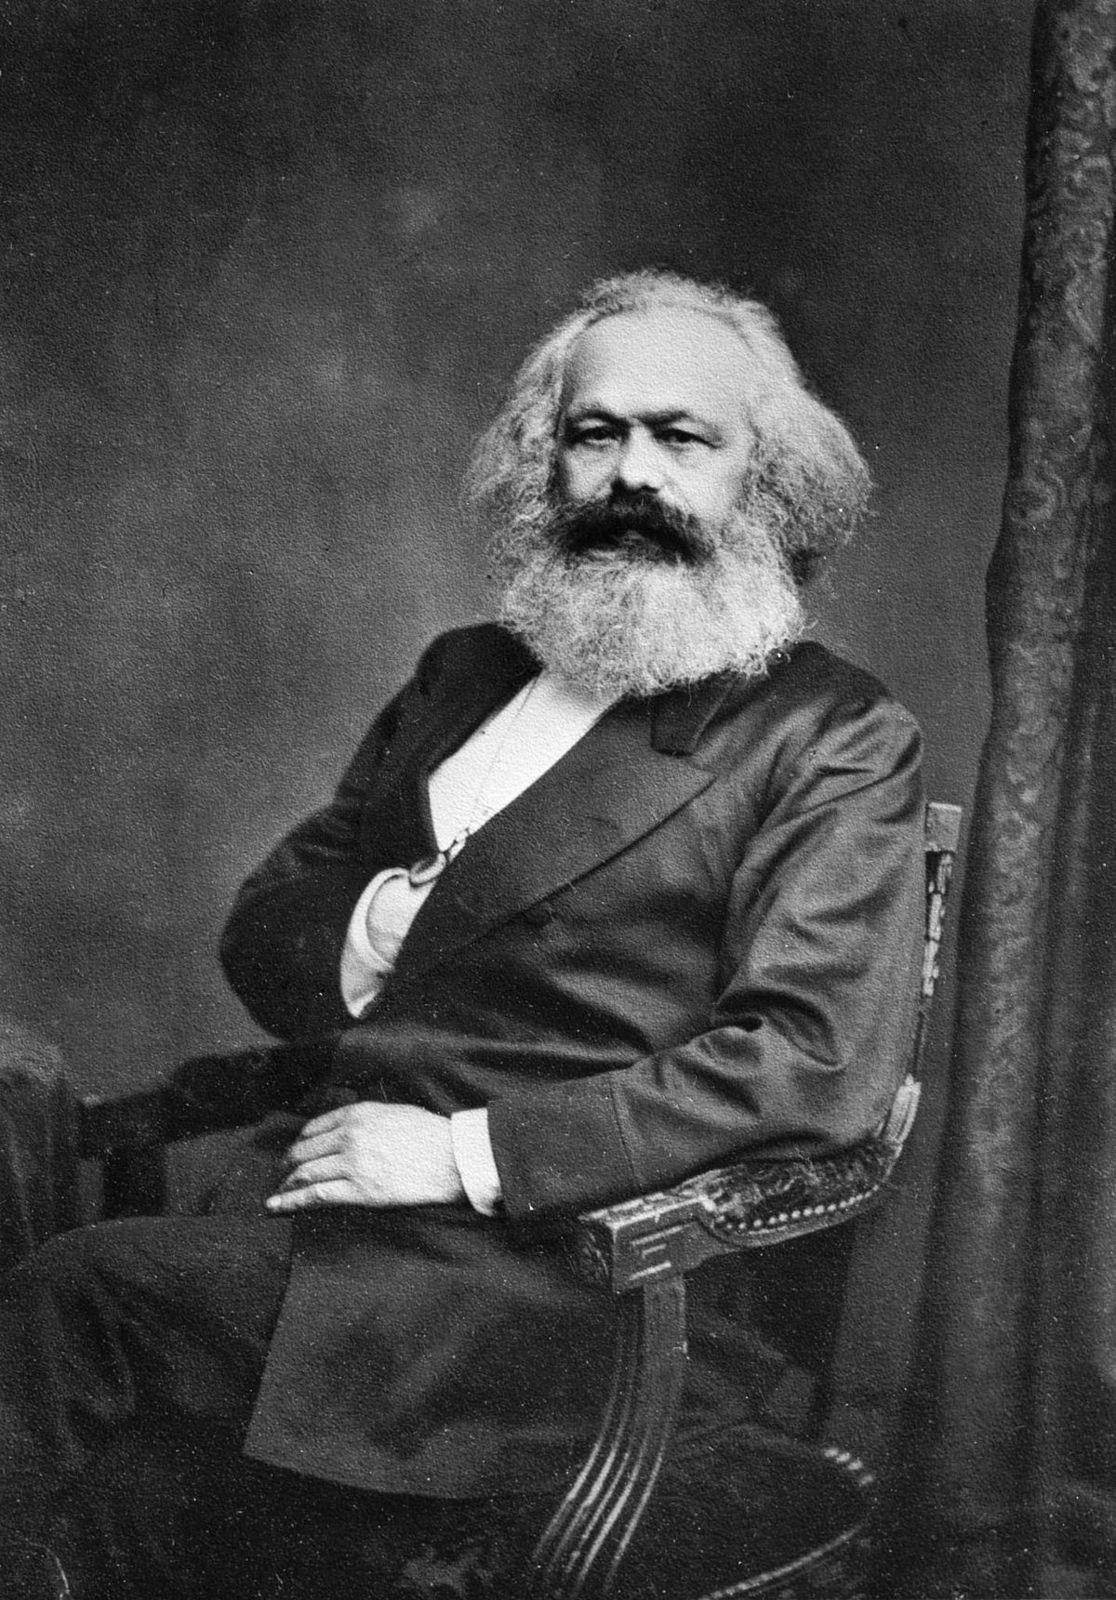 Nataxis donne raison à Marx sur la dynamique du capitalisme